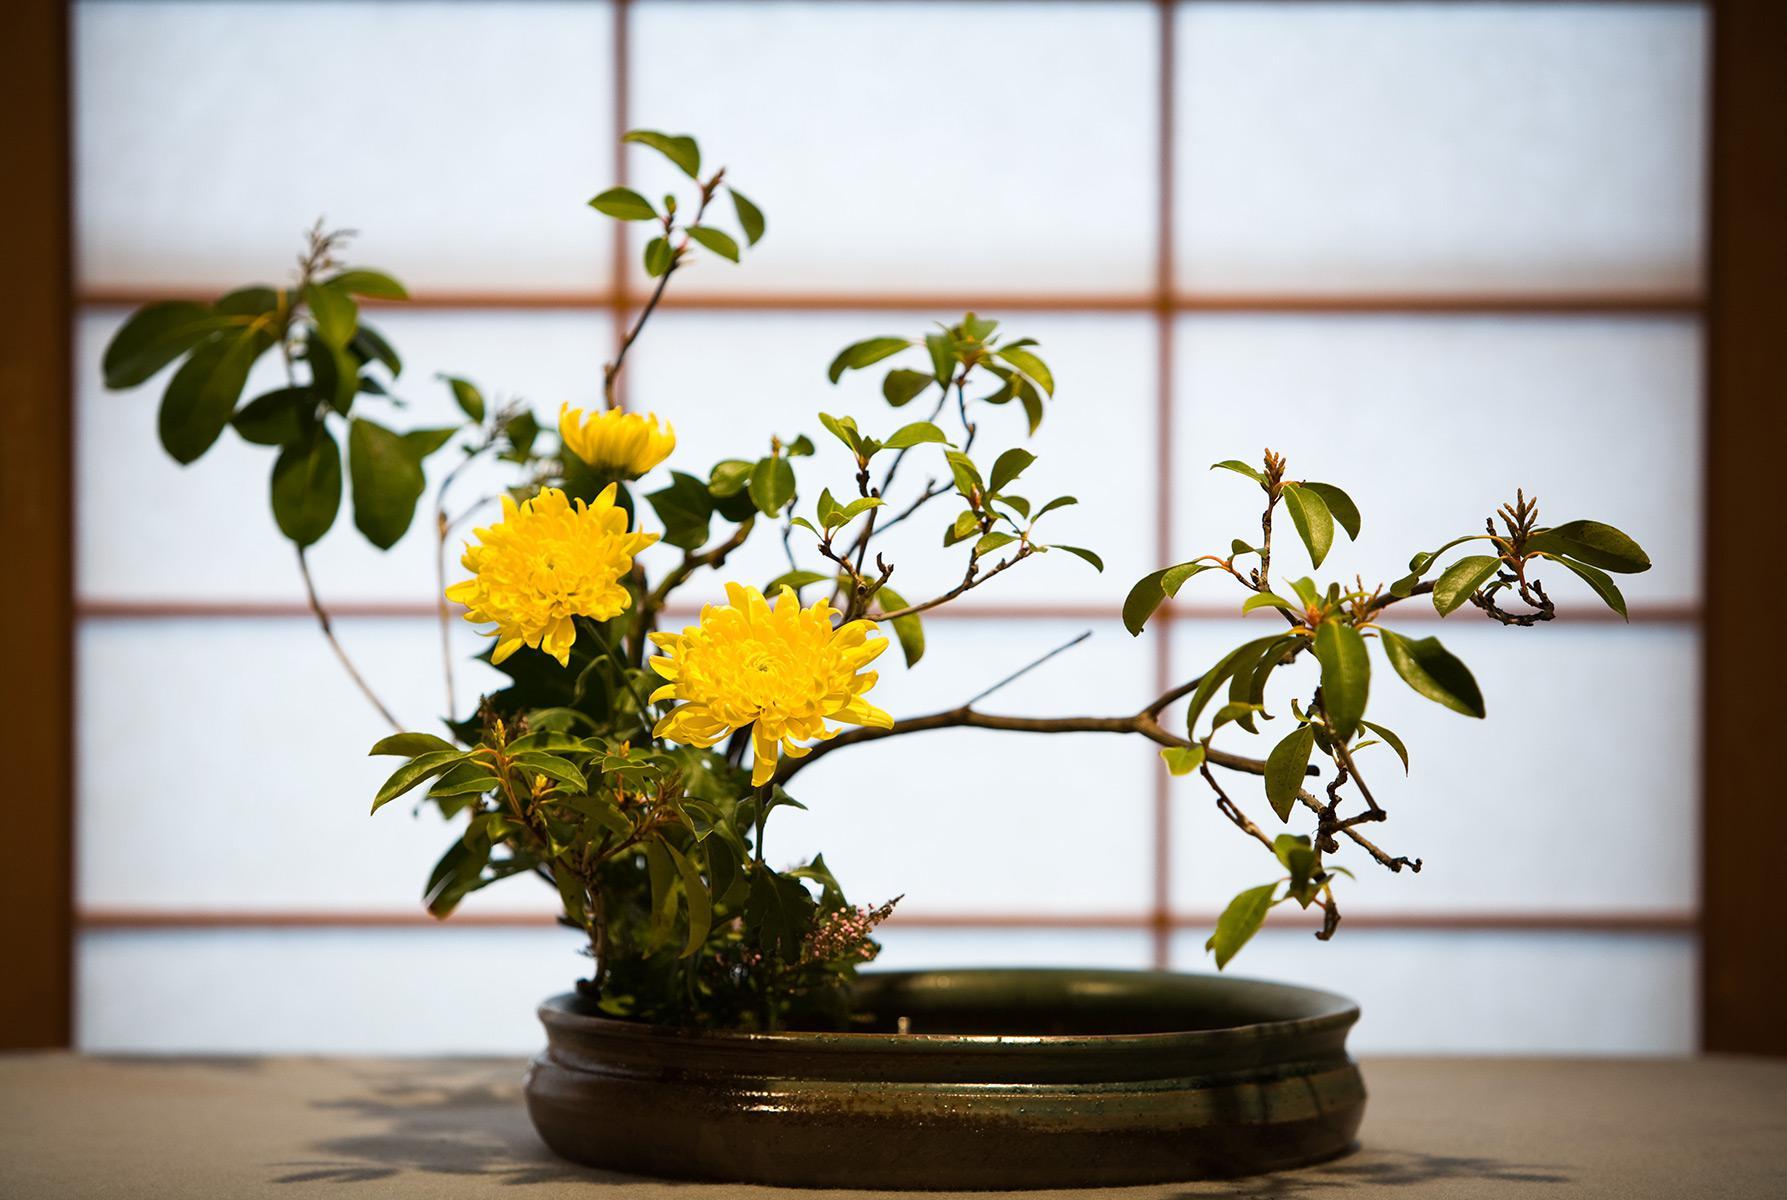 Японская Красивая Икебана из Цветок и Веток, Как Сделать Своими Руками